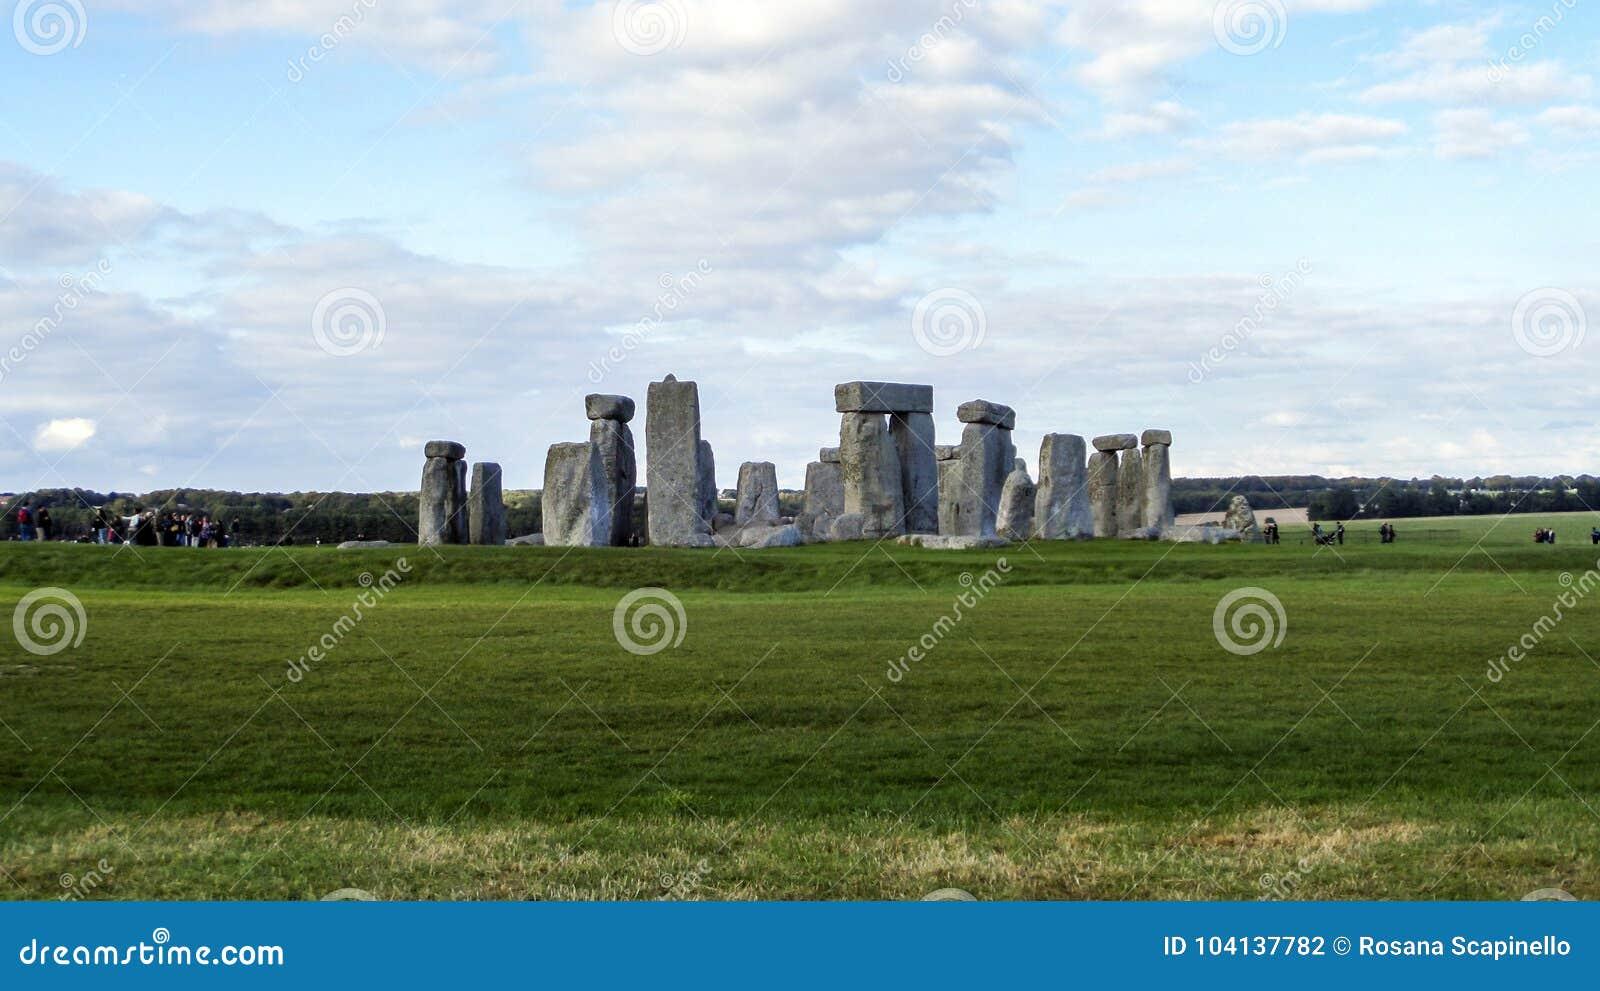 Stonehenge förhistorisk monument, grönt gräs, blå himmel och moln, panoramautsikt - Wiltshire, Salisbury, England